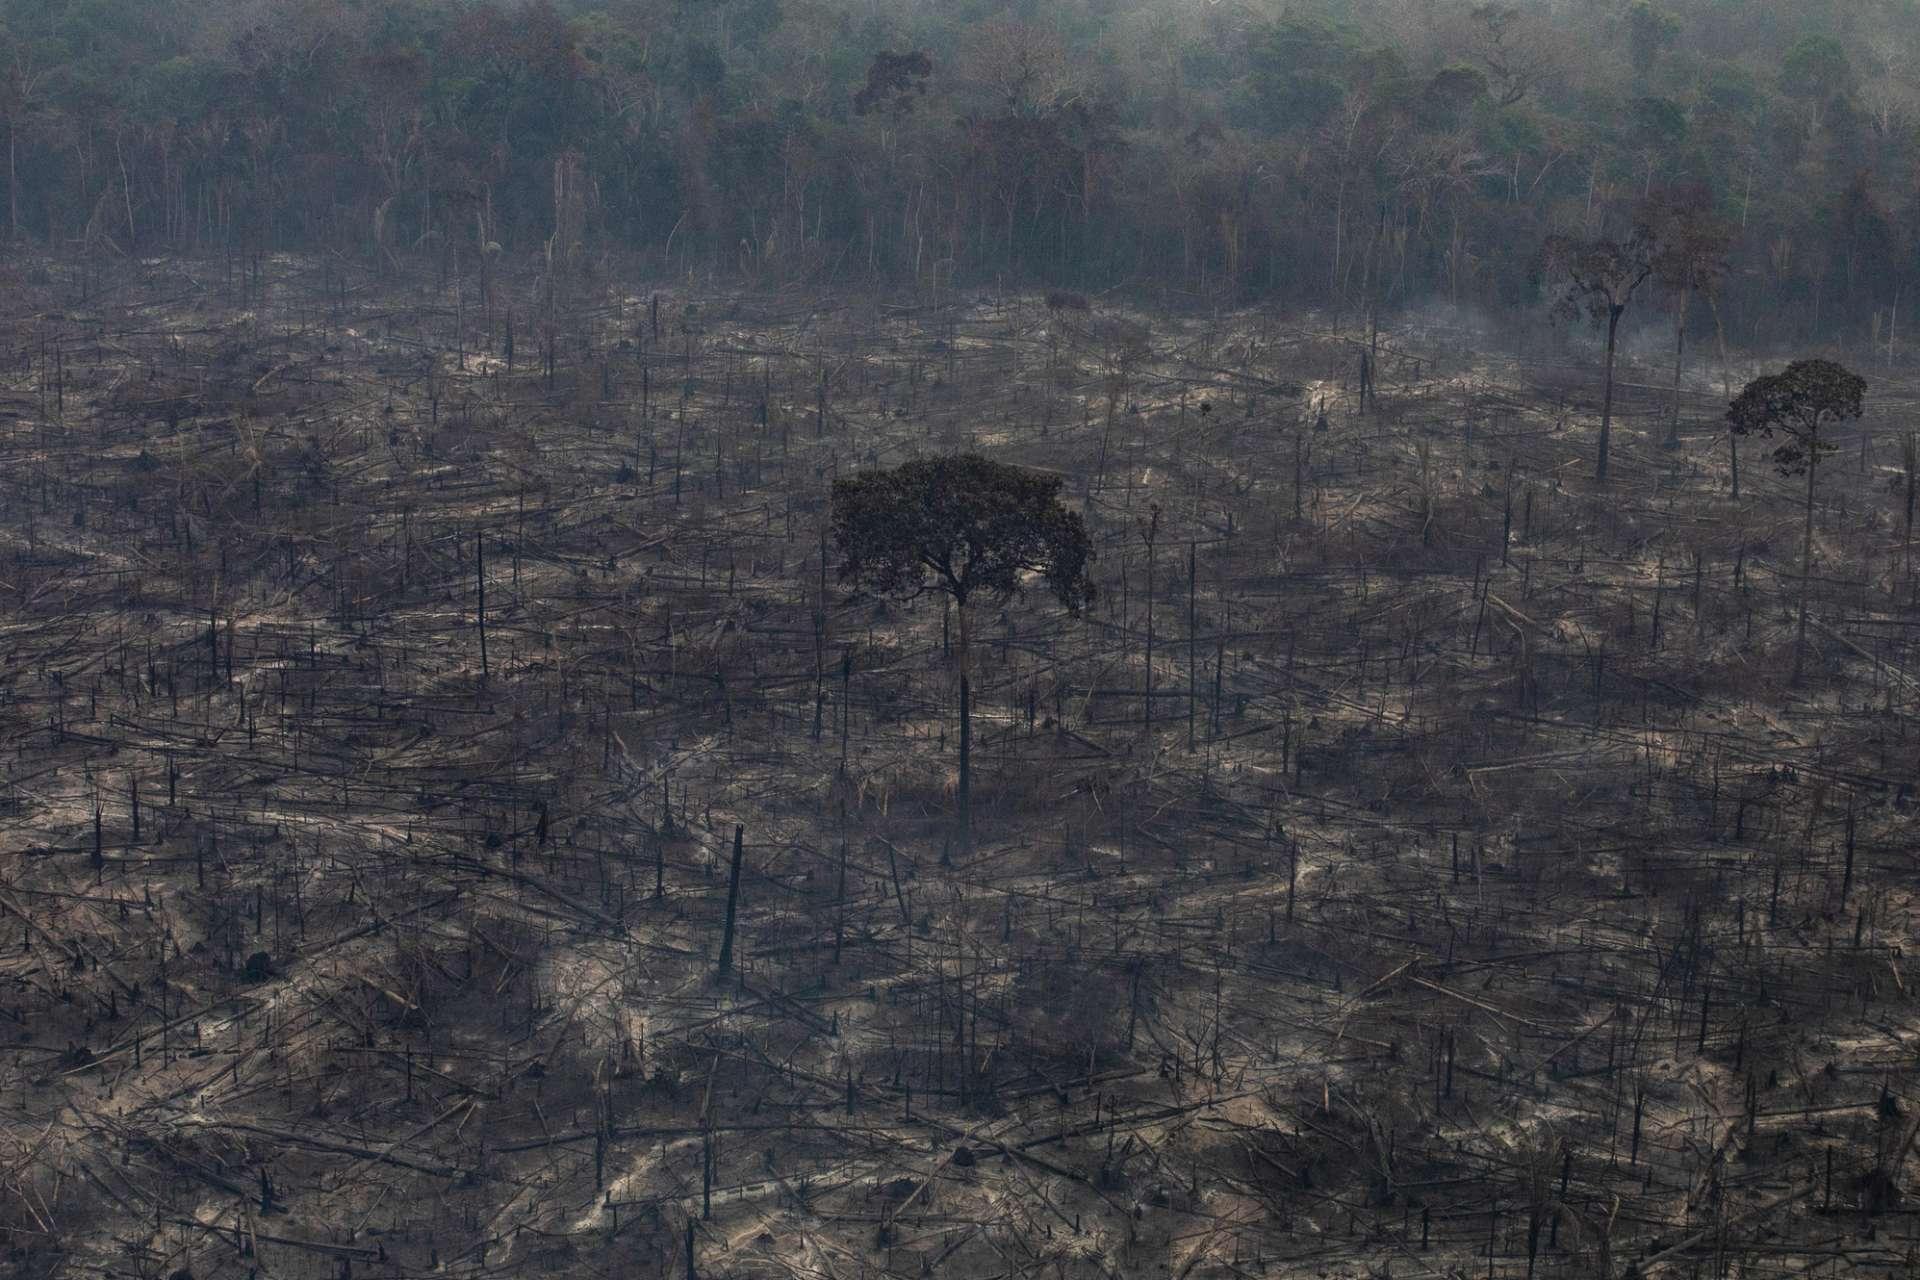 Área devastada por queimada na Amazônia, em agosto de 2019